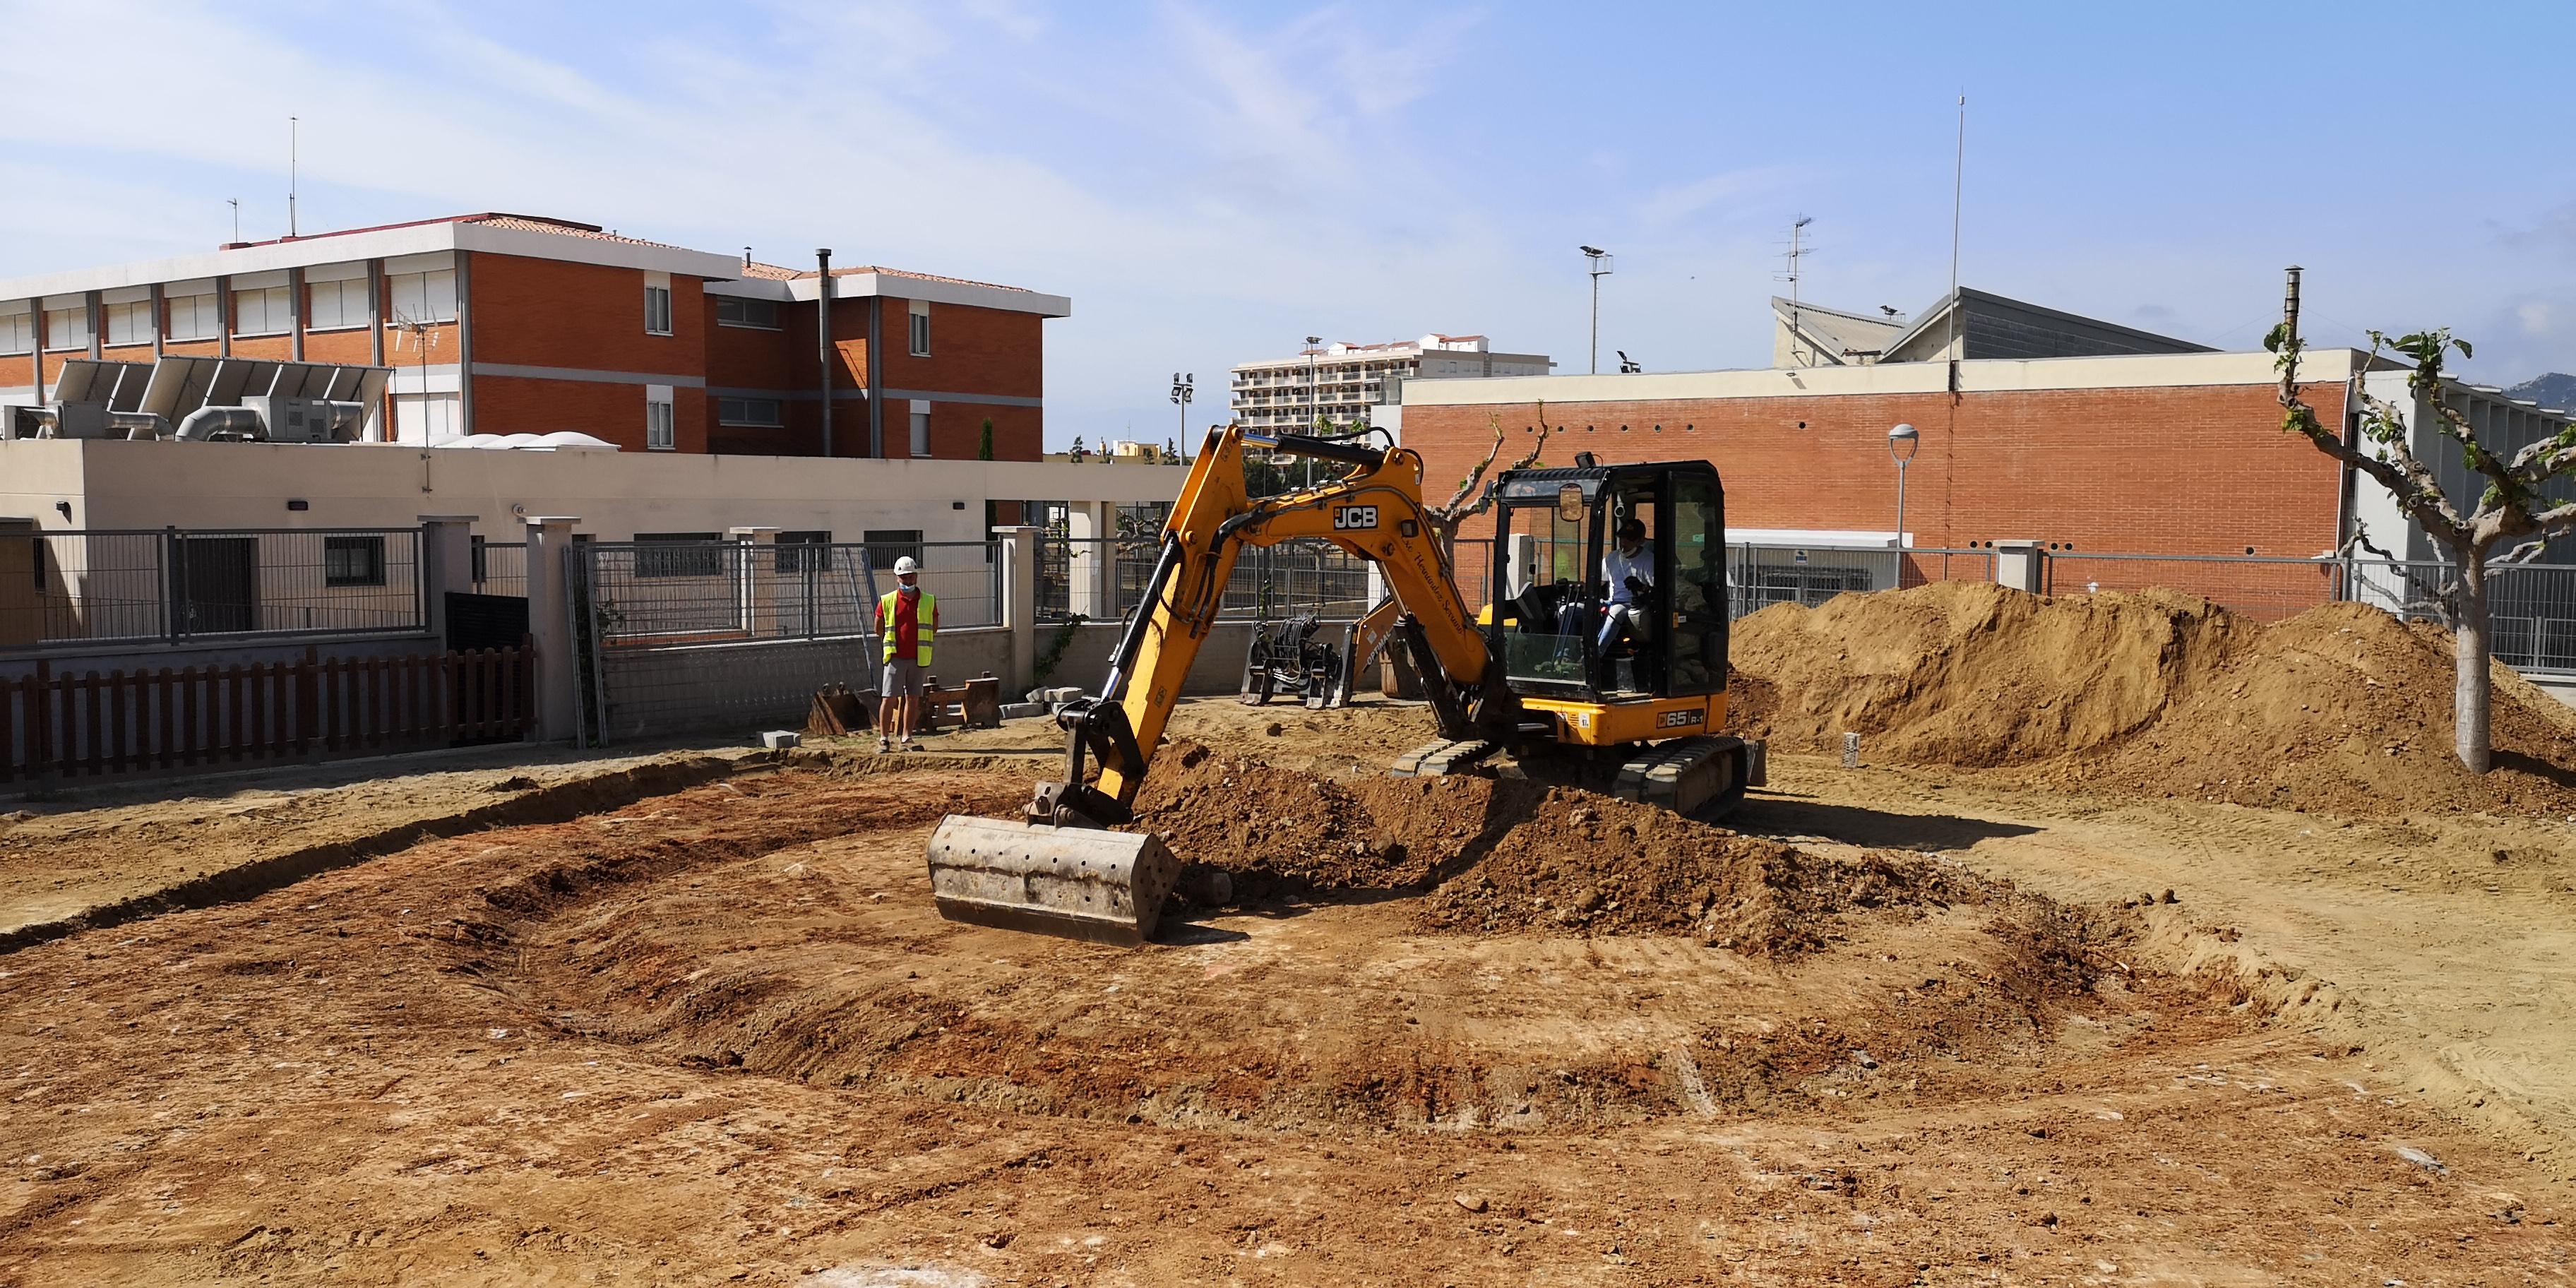 S'inicien les obres d'ampliació de la llar d'infants Sol i Vent de l'Hospitalet de l'Infant